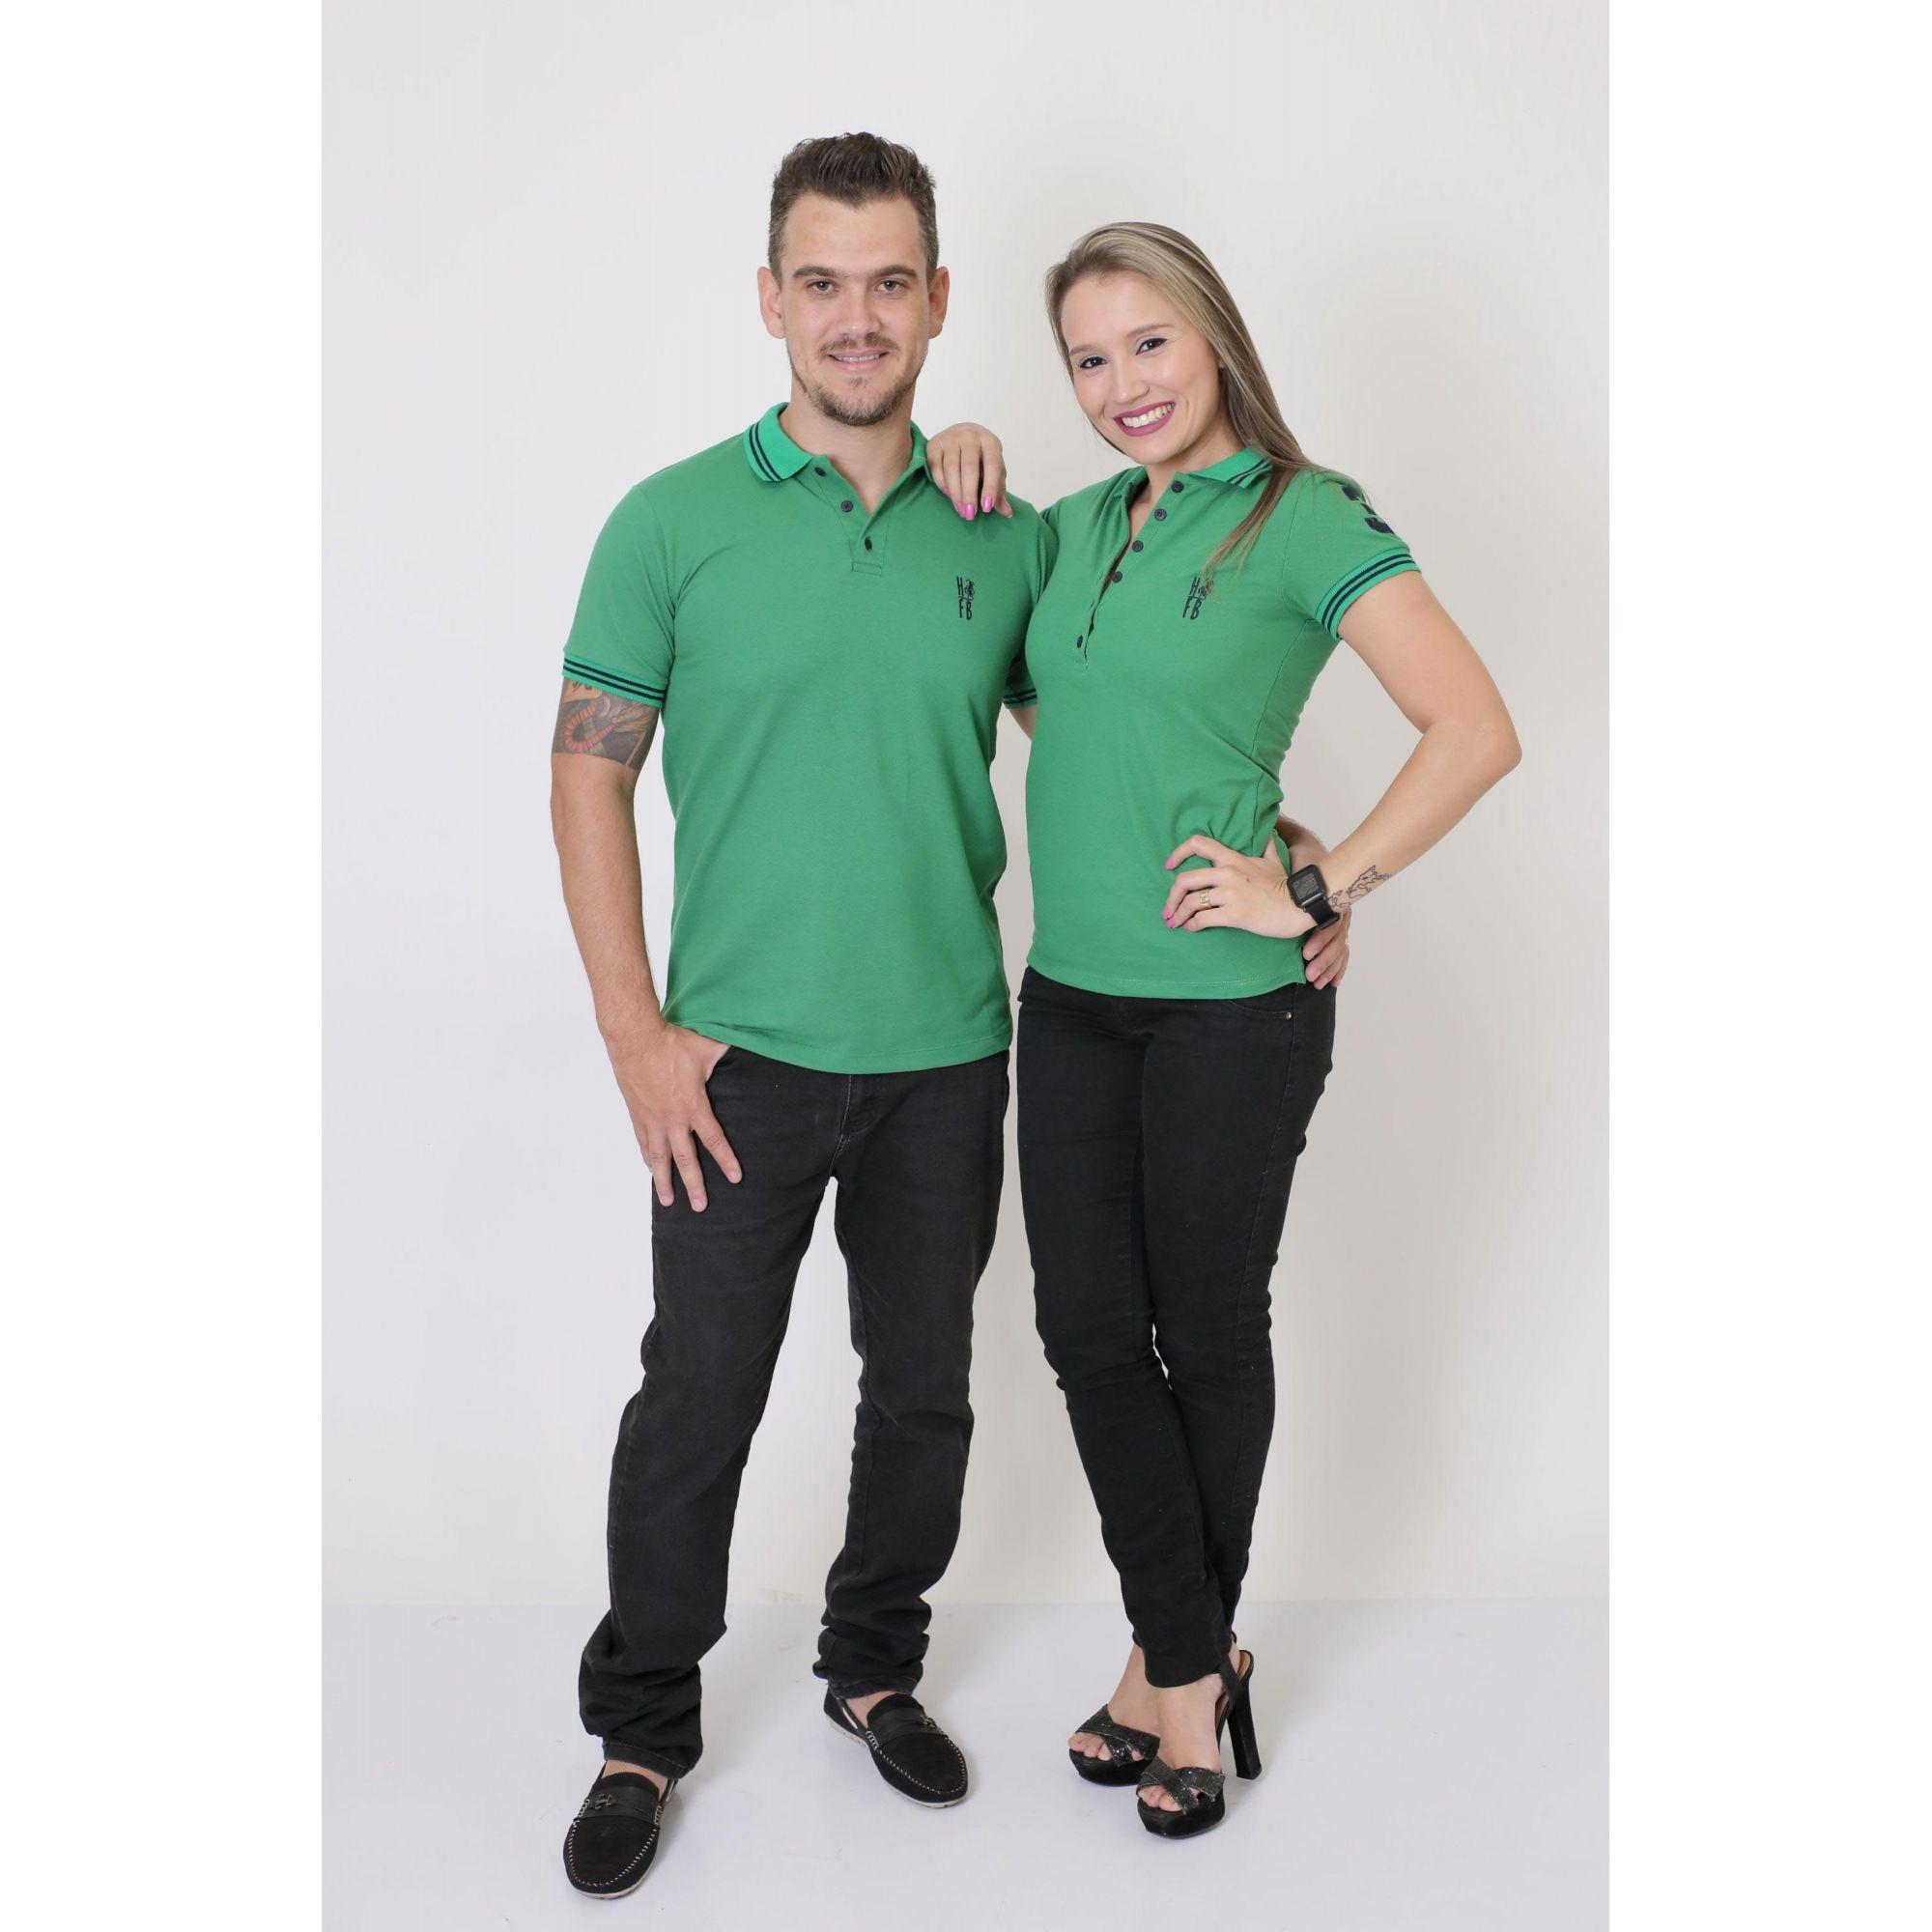 NAMORADOS > Kit 02 Peças Camisas Polo Masculina + Feminina Verde Esperança [Coleção Namorados]  - Heitor Fashion Brazil